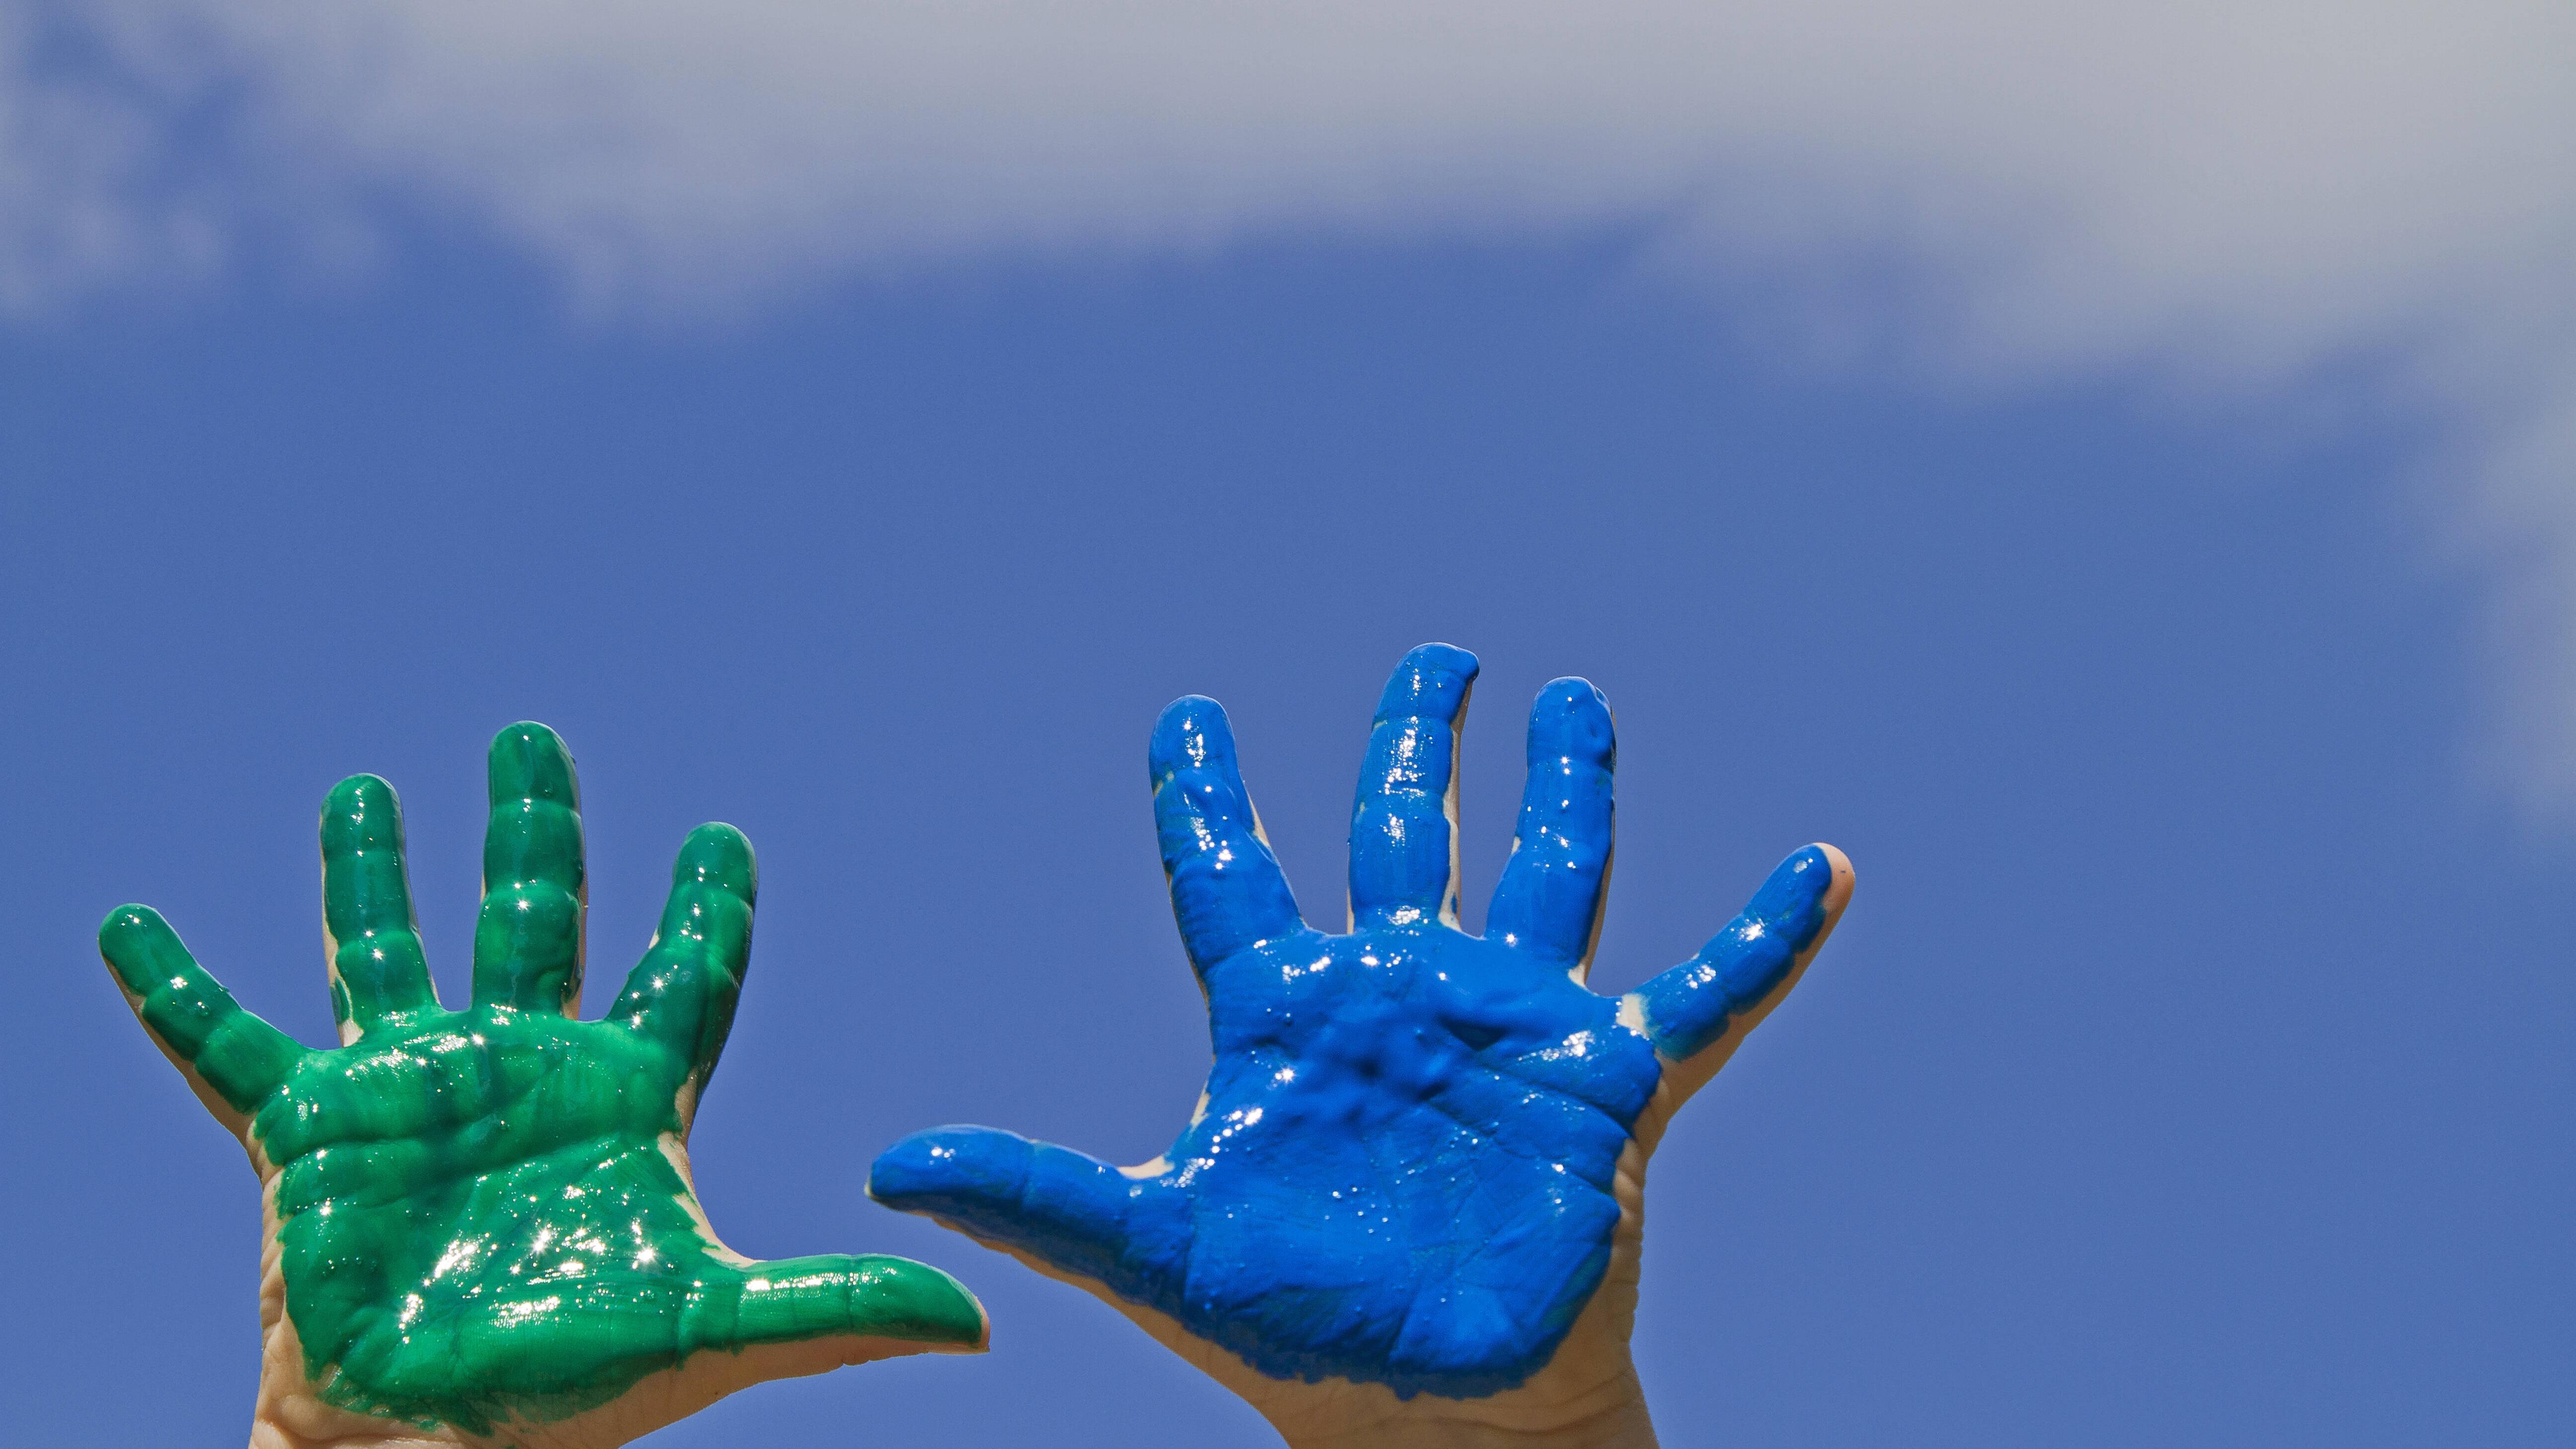 Mit Fingerfarbe können Sie Fenster bemalen.